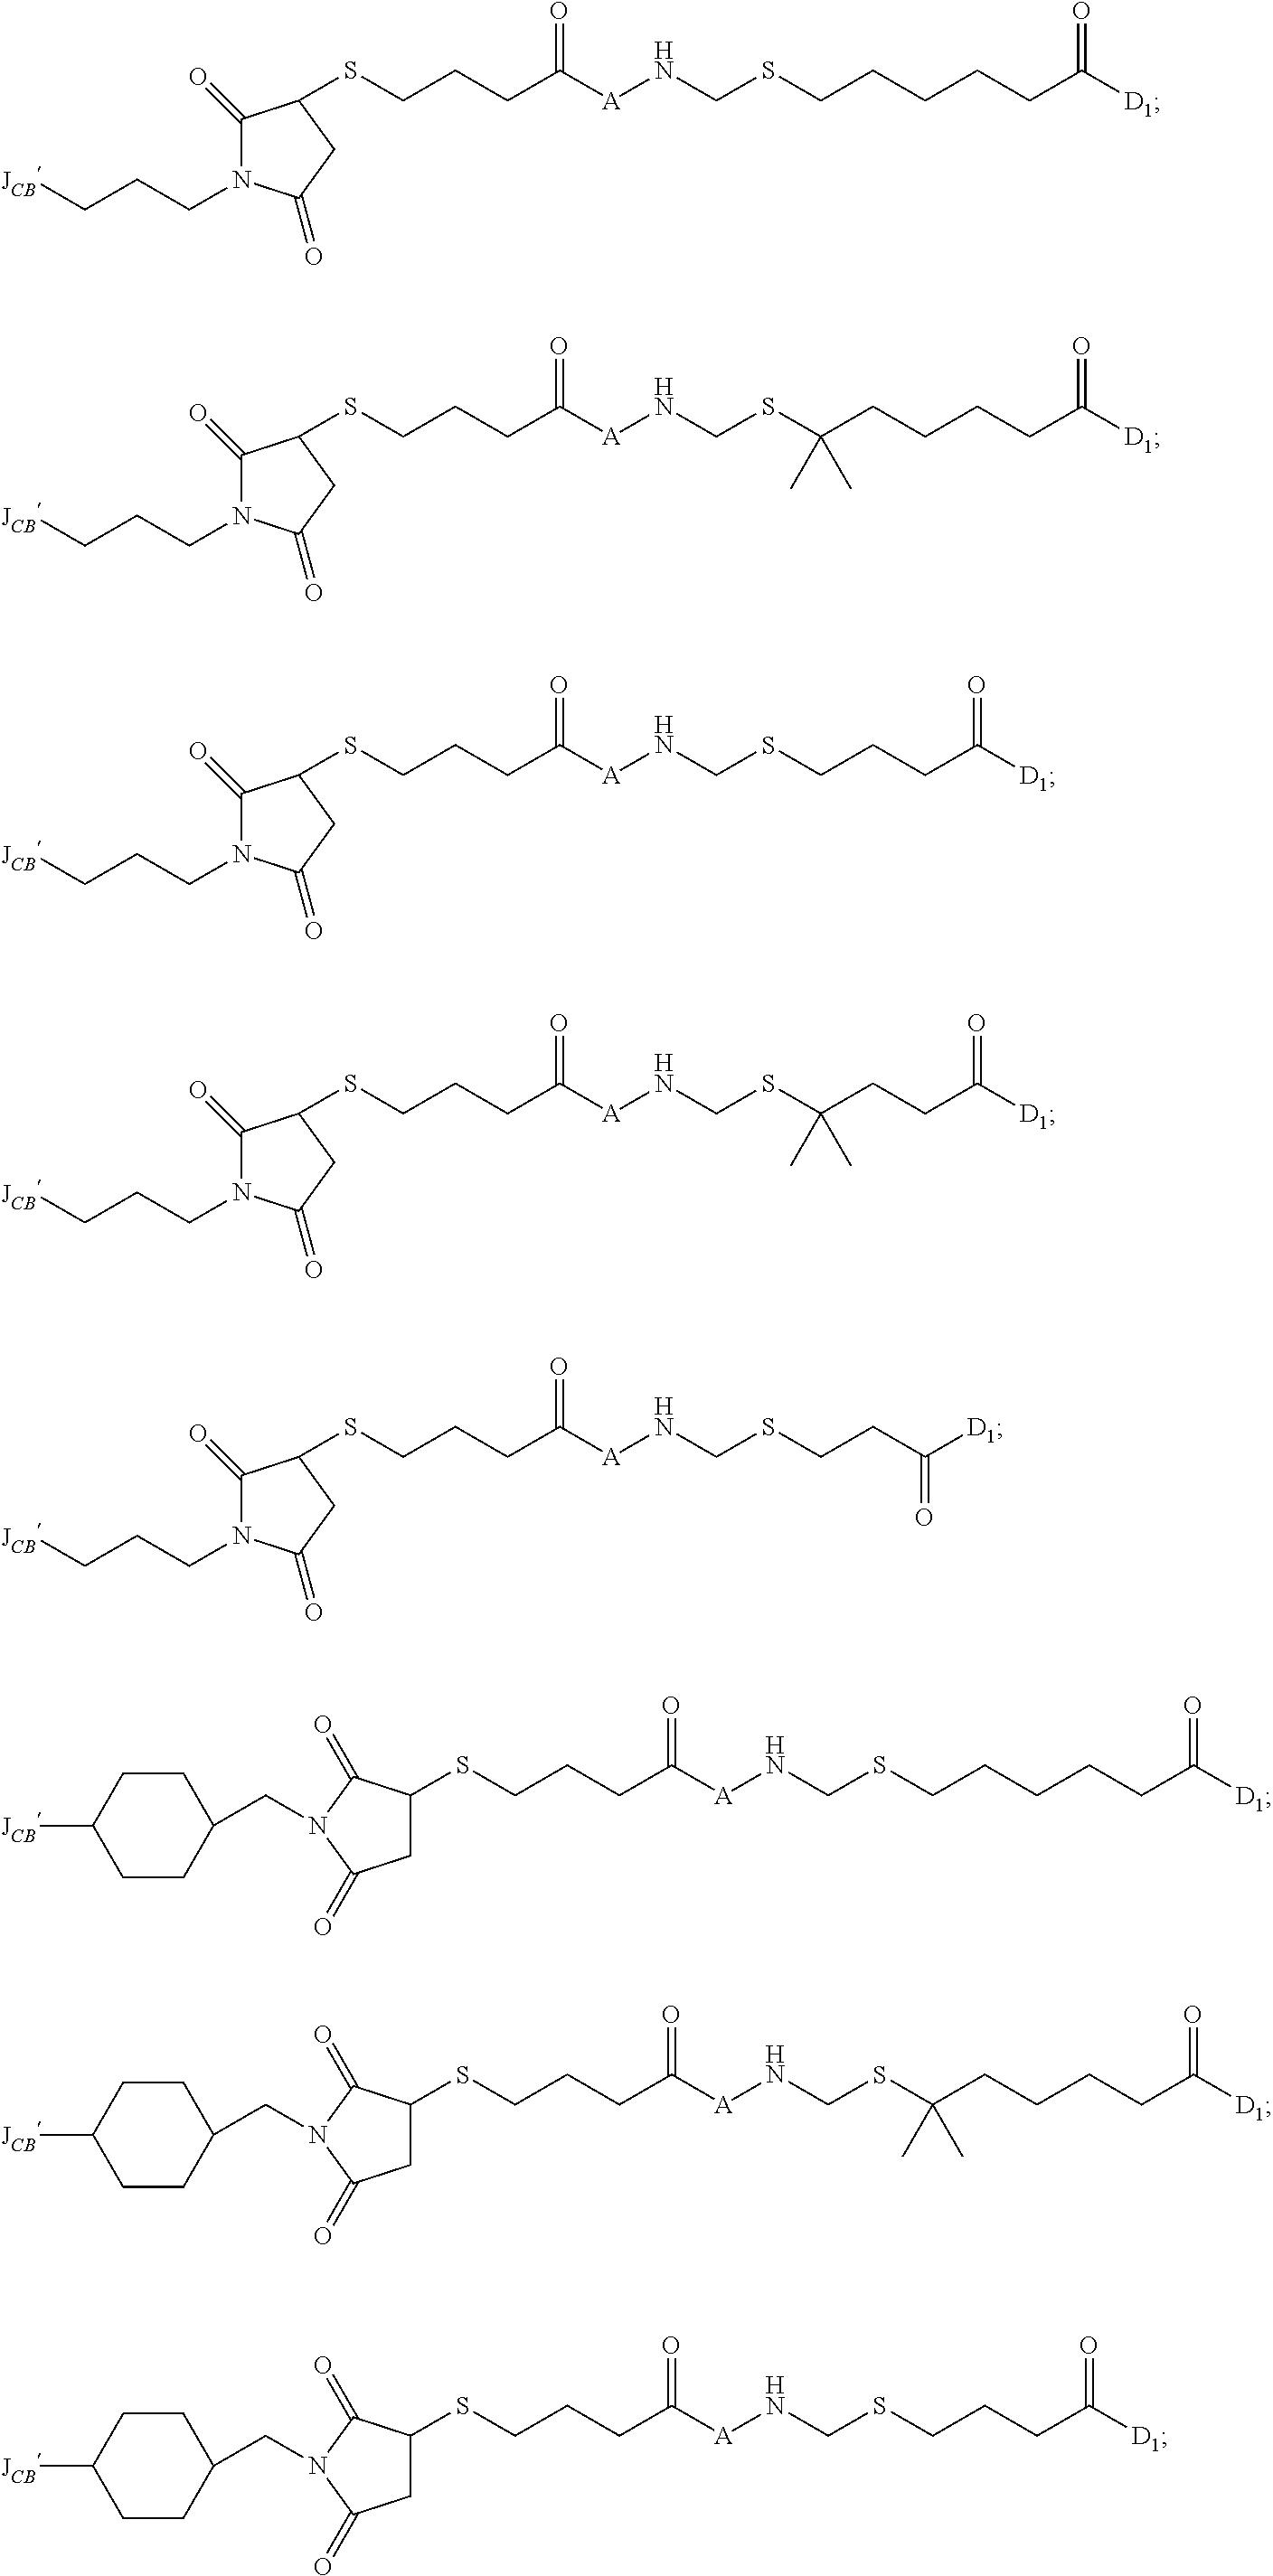 Figure US20180296694A1-20181018-C00051